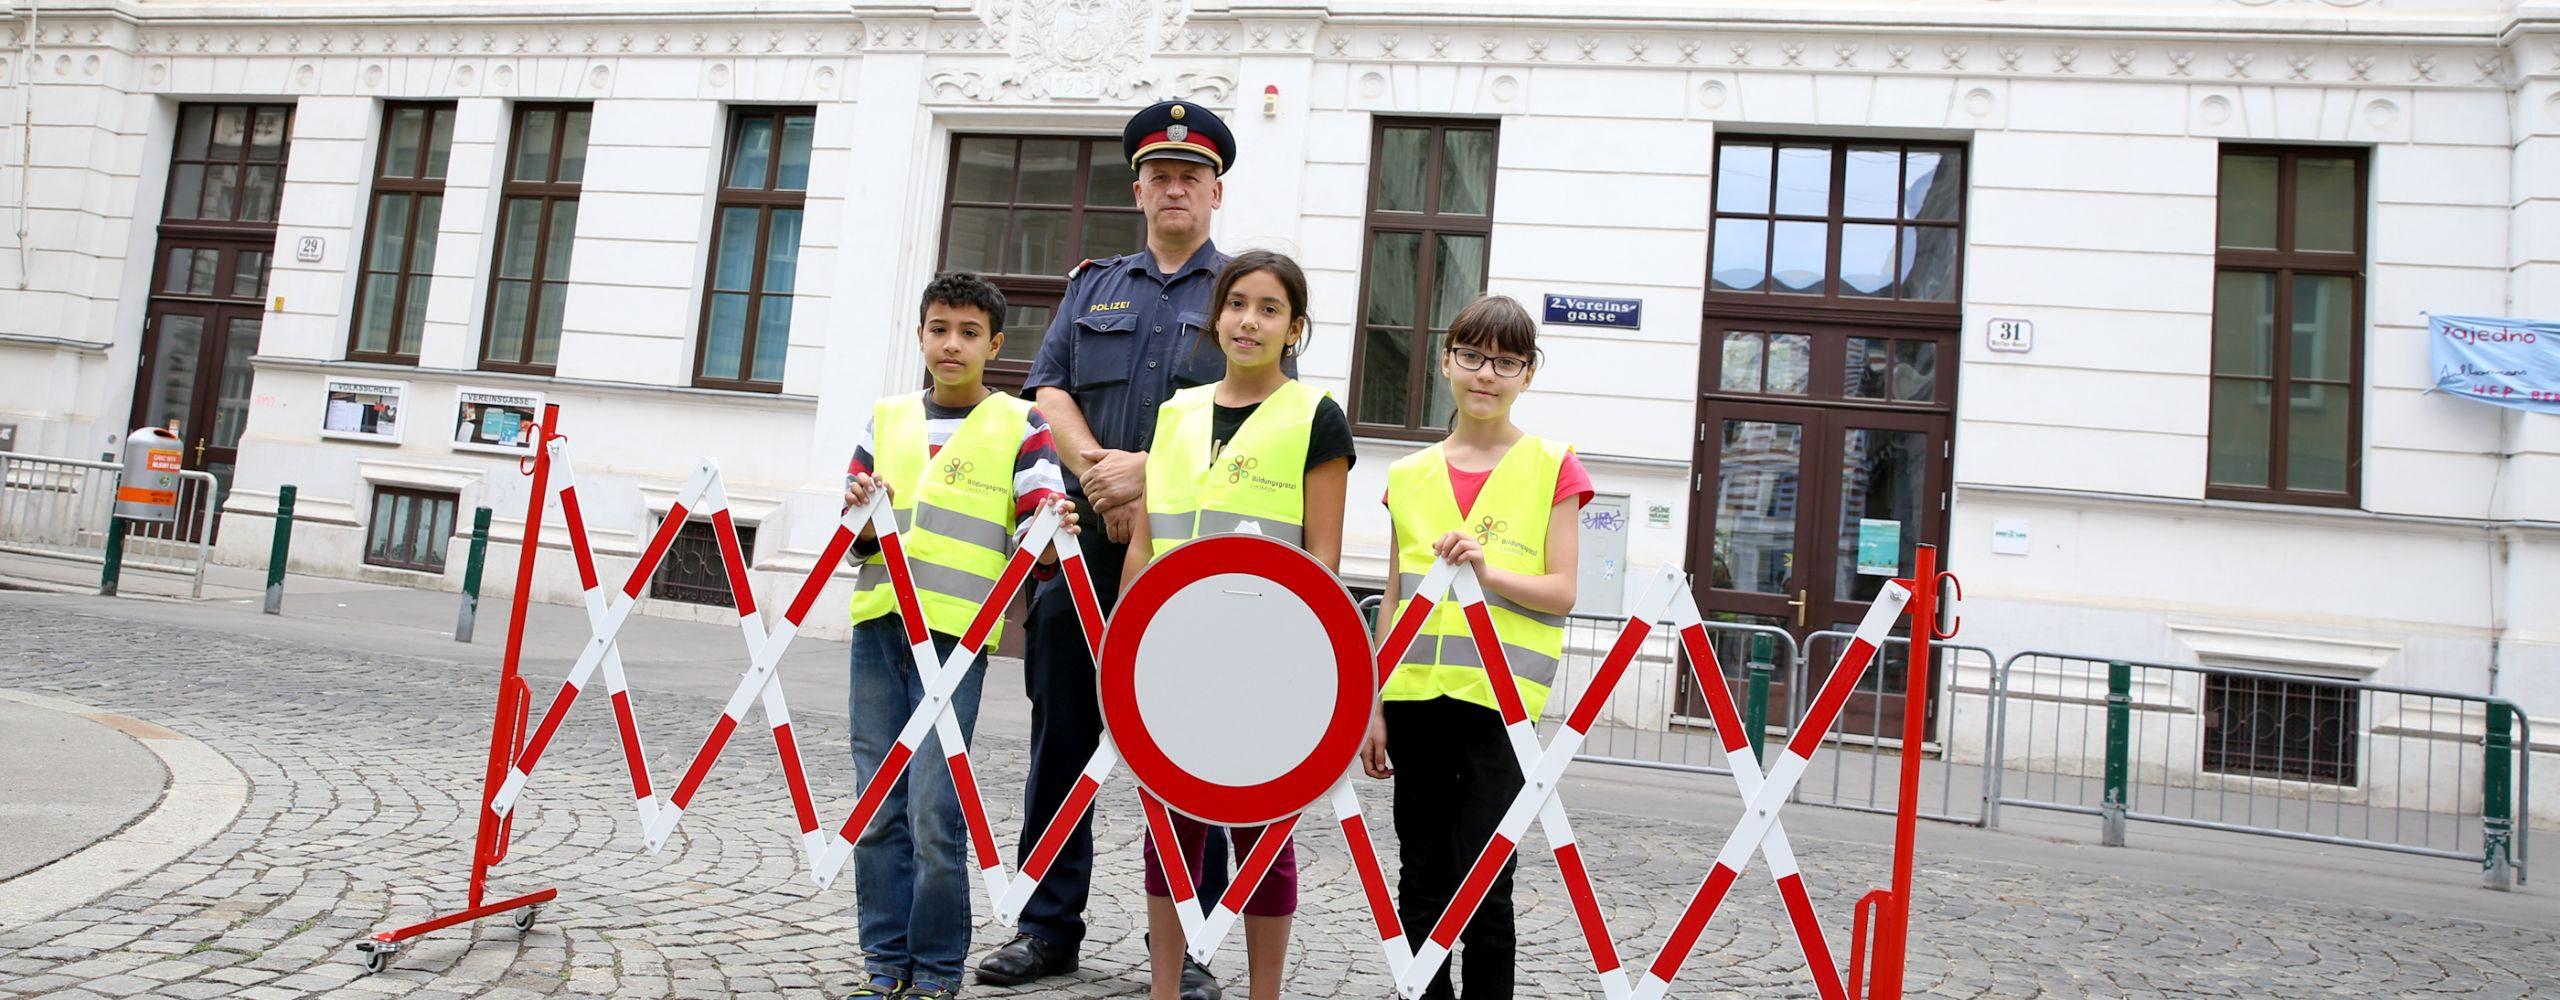 Polizist und Schülerinnen und Schüler sichern die Schule während eines Fahrverbots mit Scherengitter.